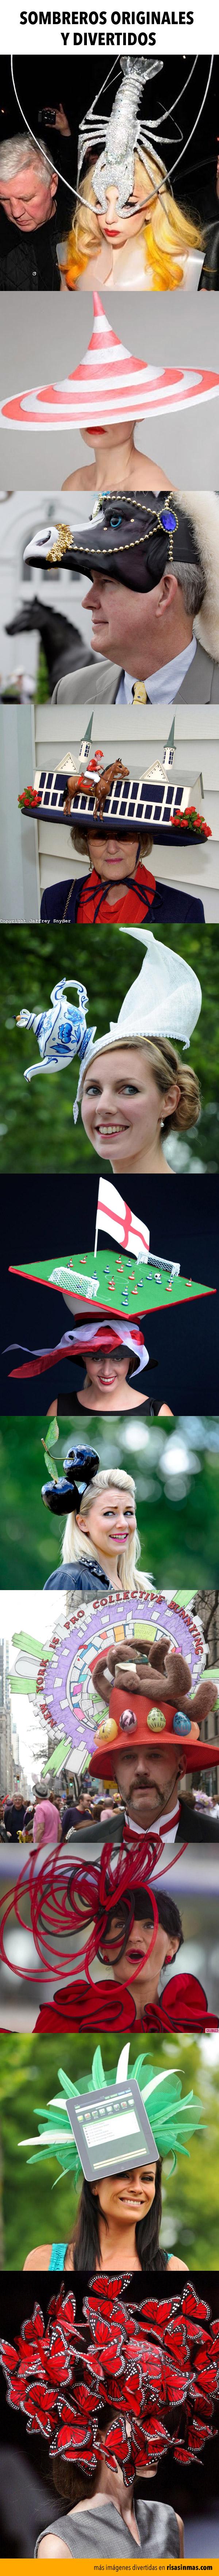 Sombreros originales y divertidos